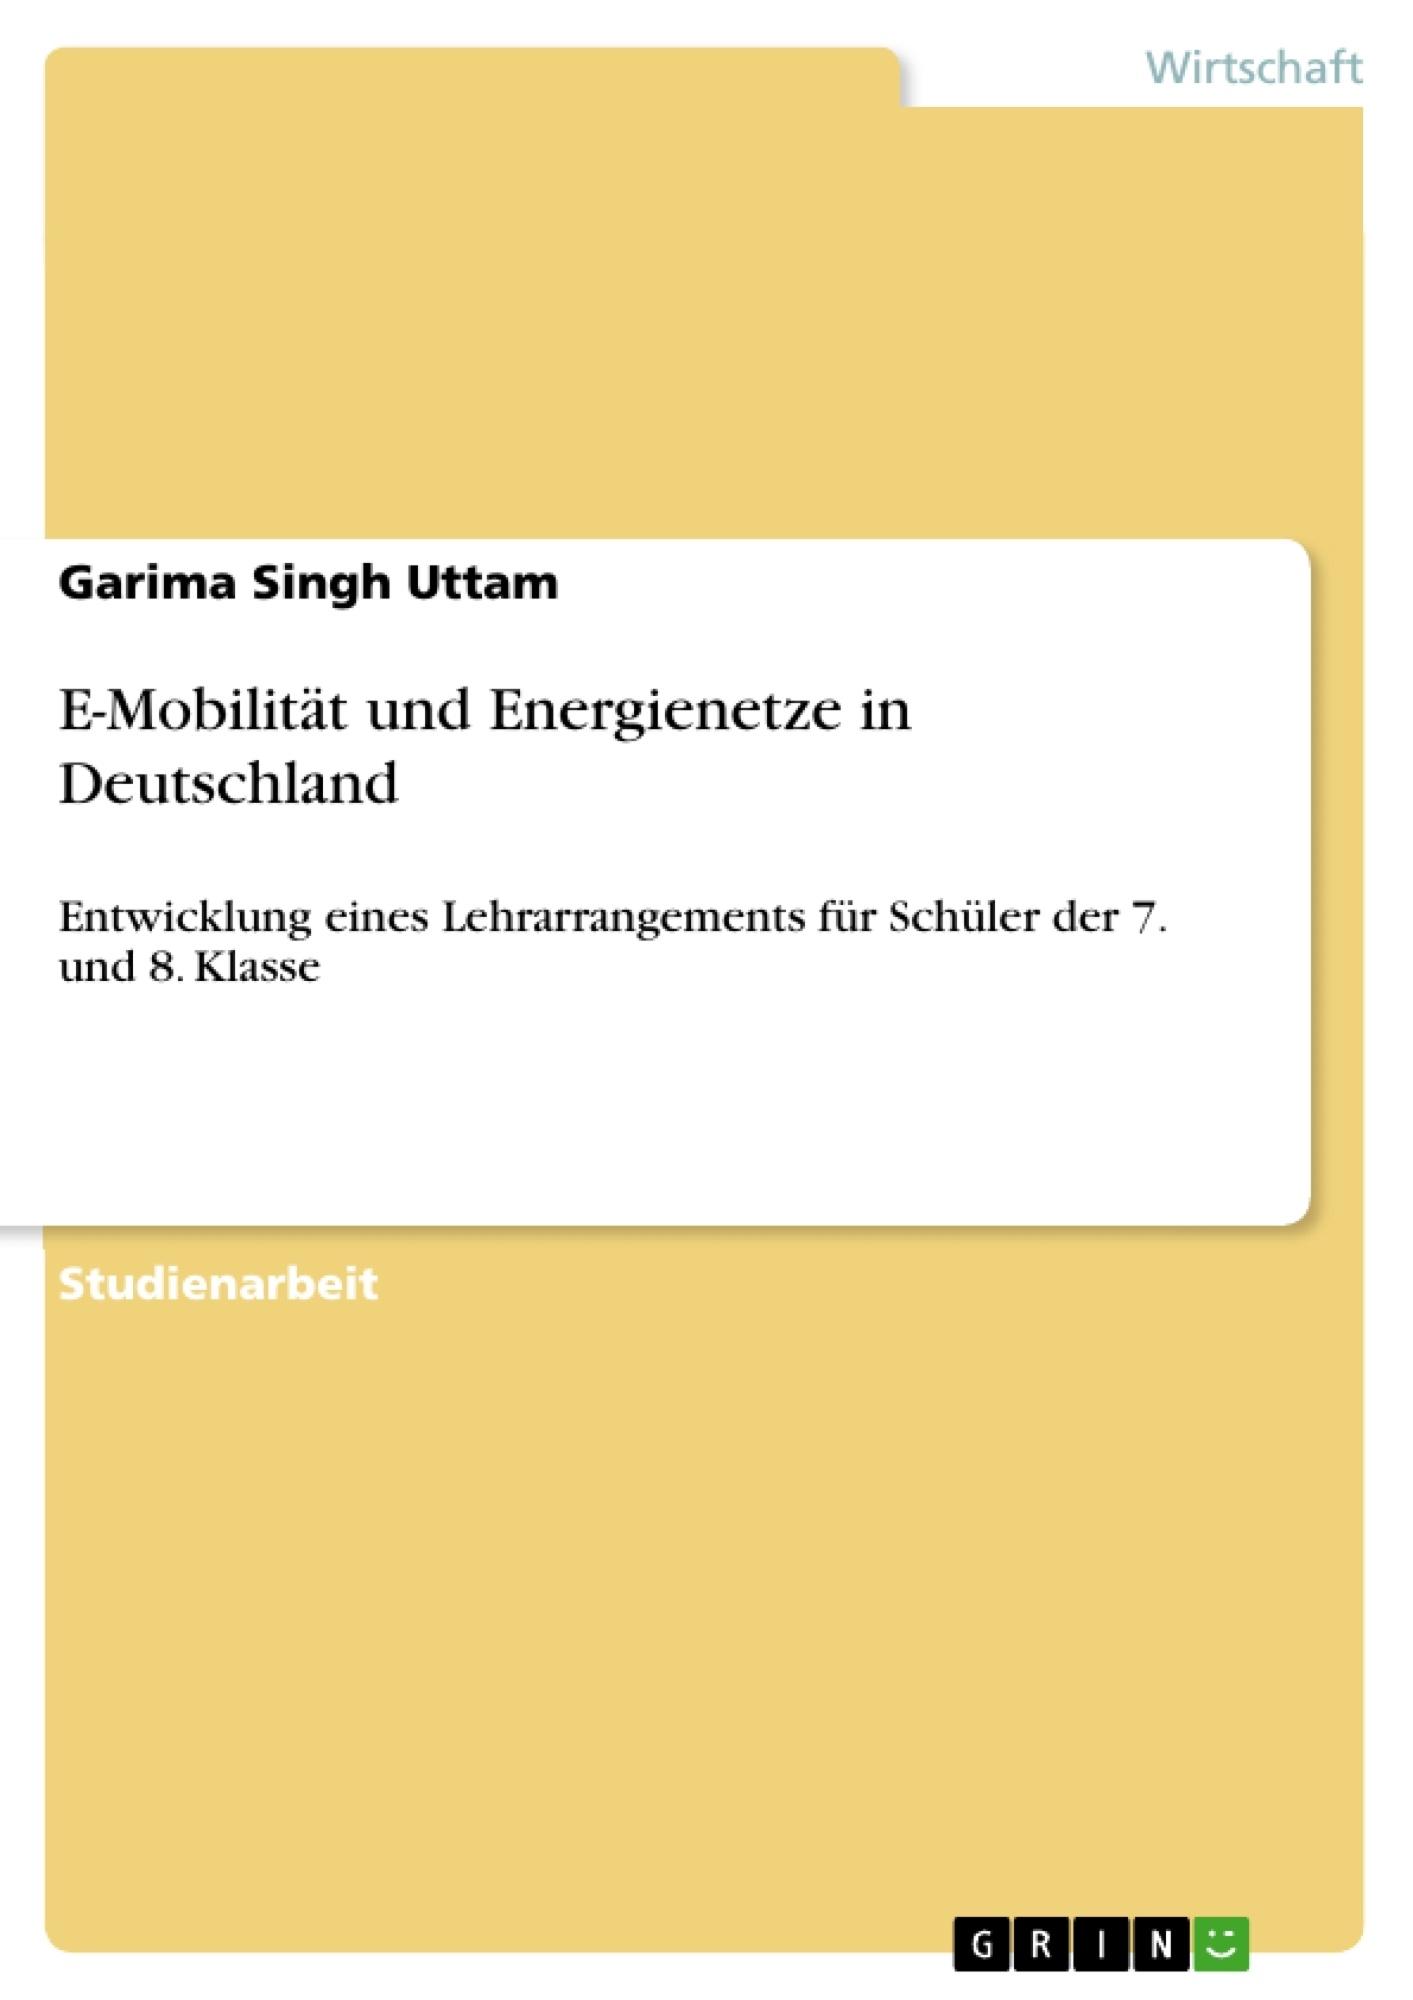 Titel: E-Mobilität und Energienetze in Deutschland